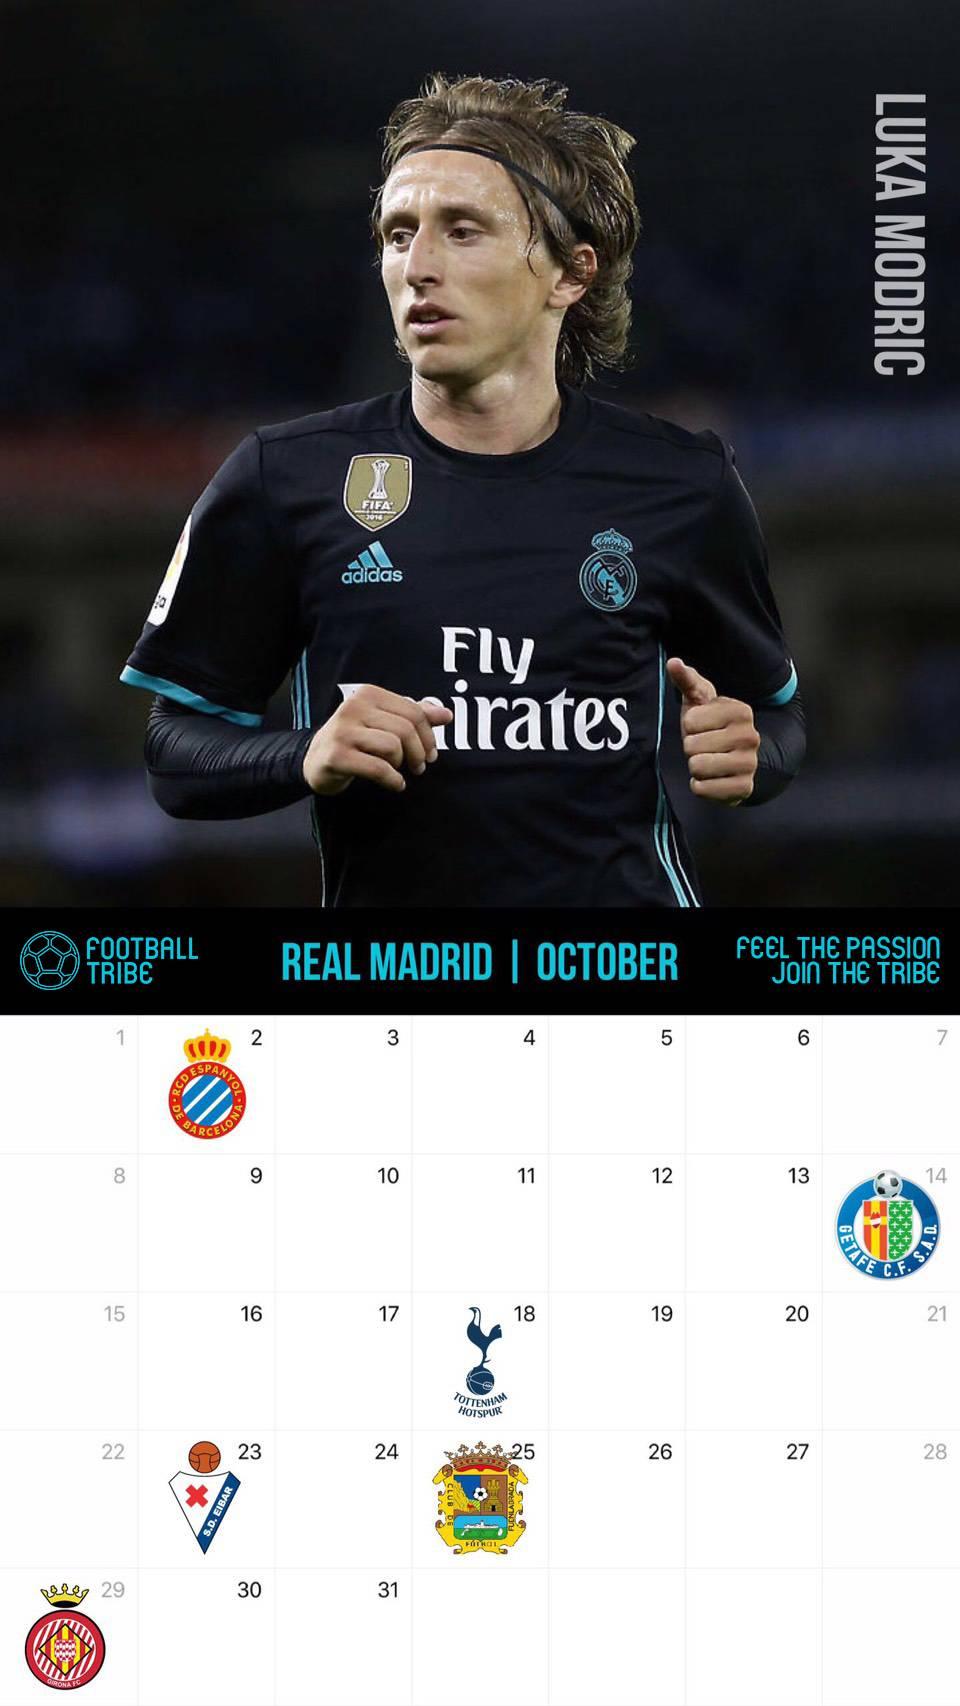 サッカー カレンダー壁紙 2017年10月版 サッカー壁紙 スマートフォン